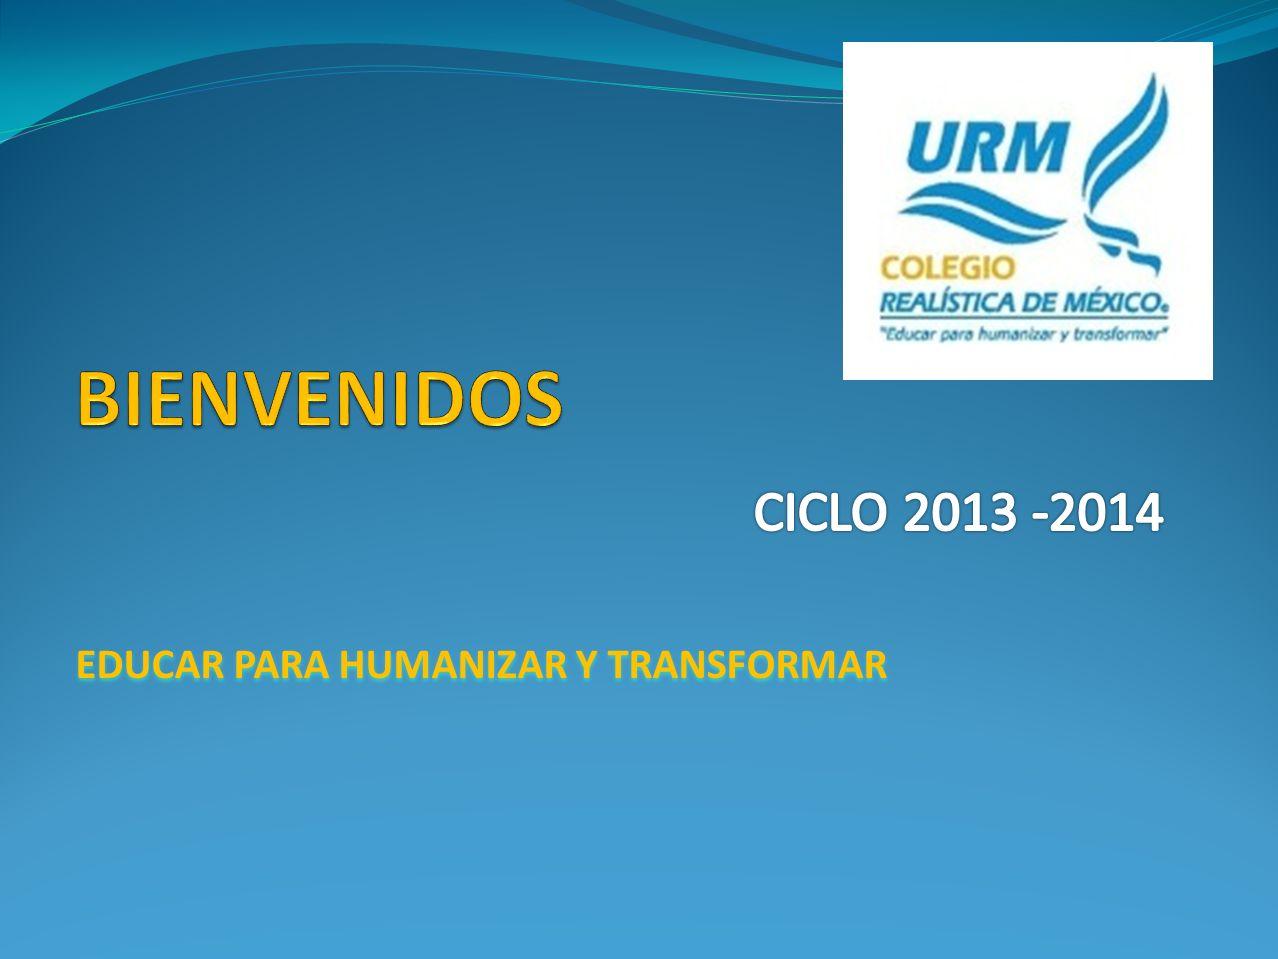 CICLO 2013 -2014 EDUCAR PARA HUMANIZAR Y TRANSFORMAR